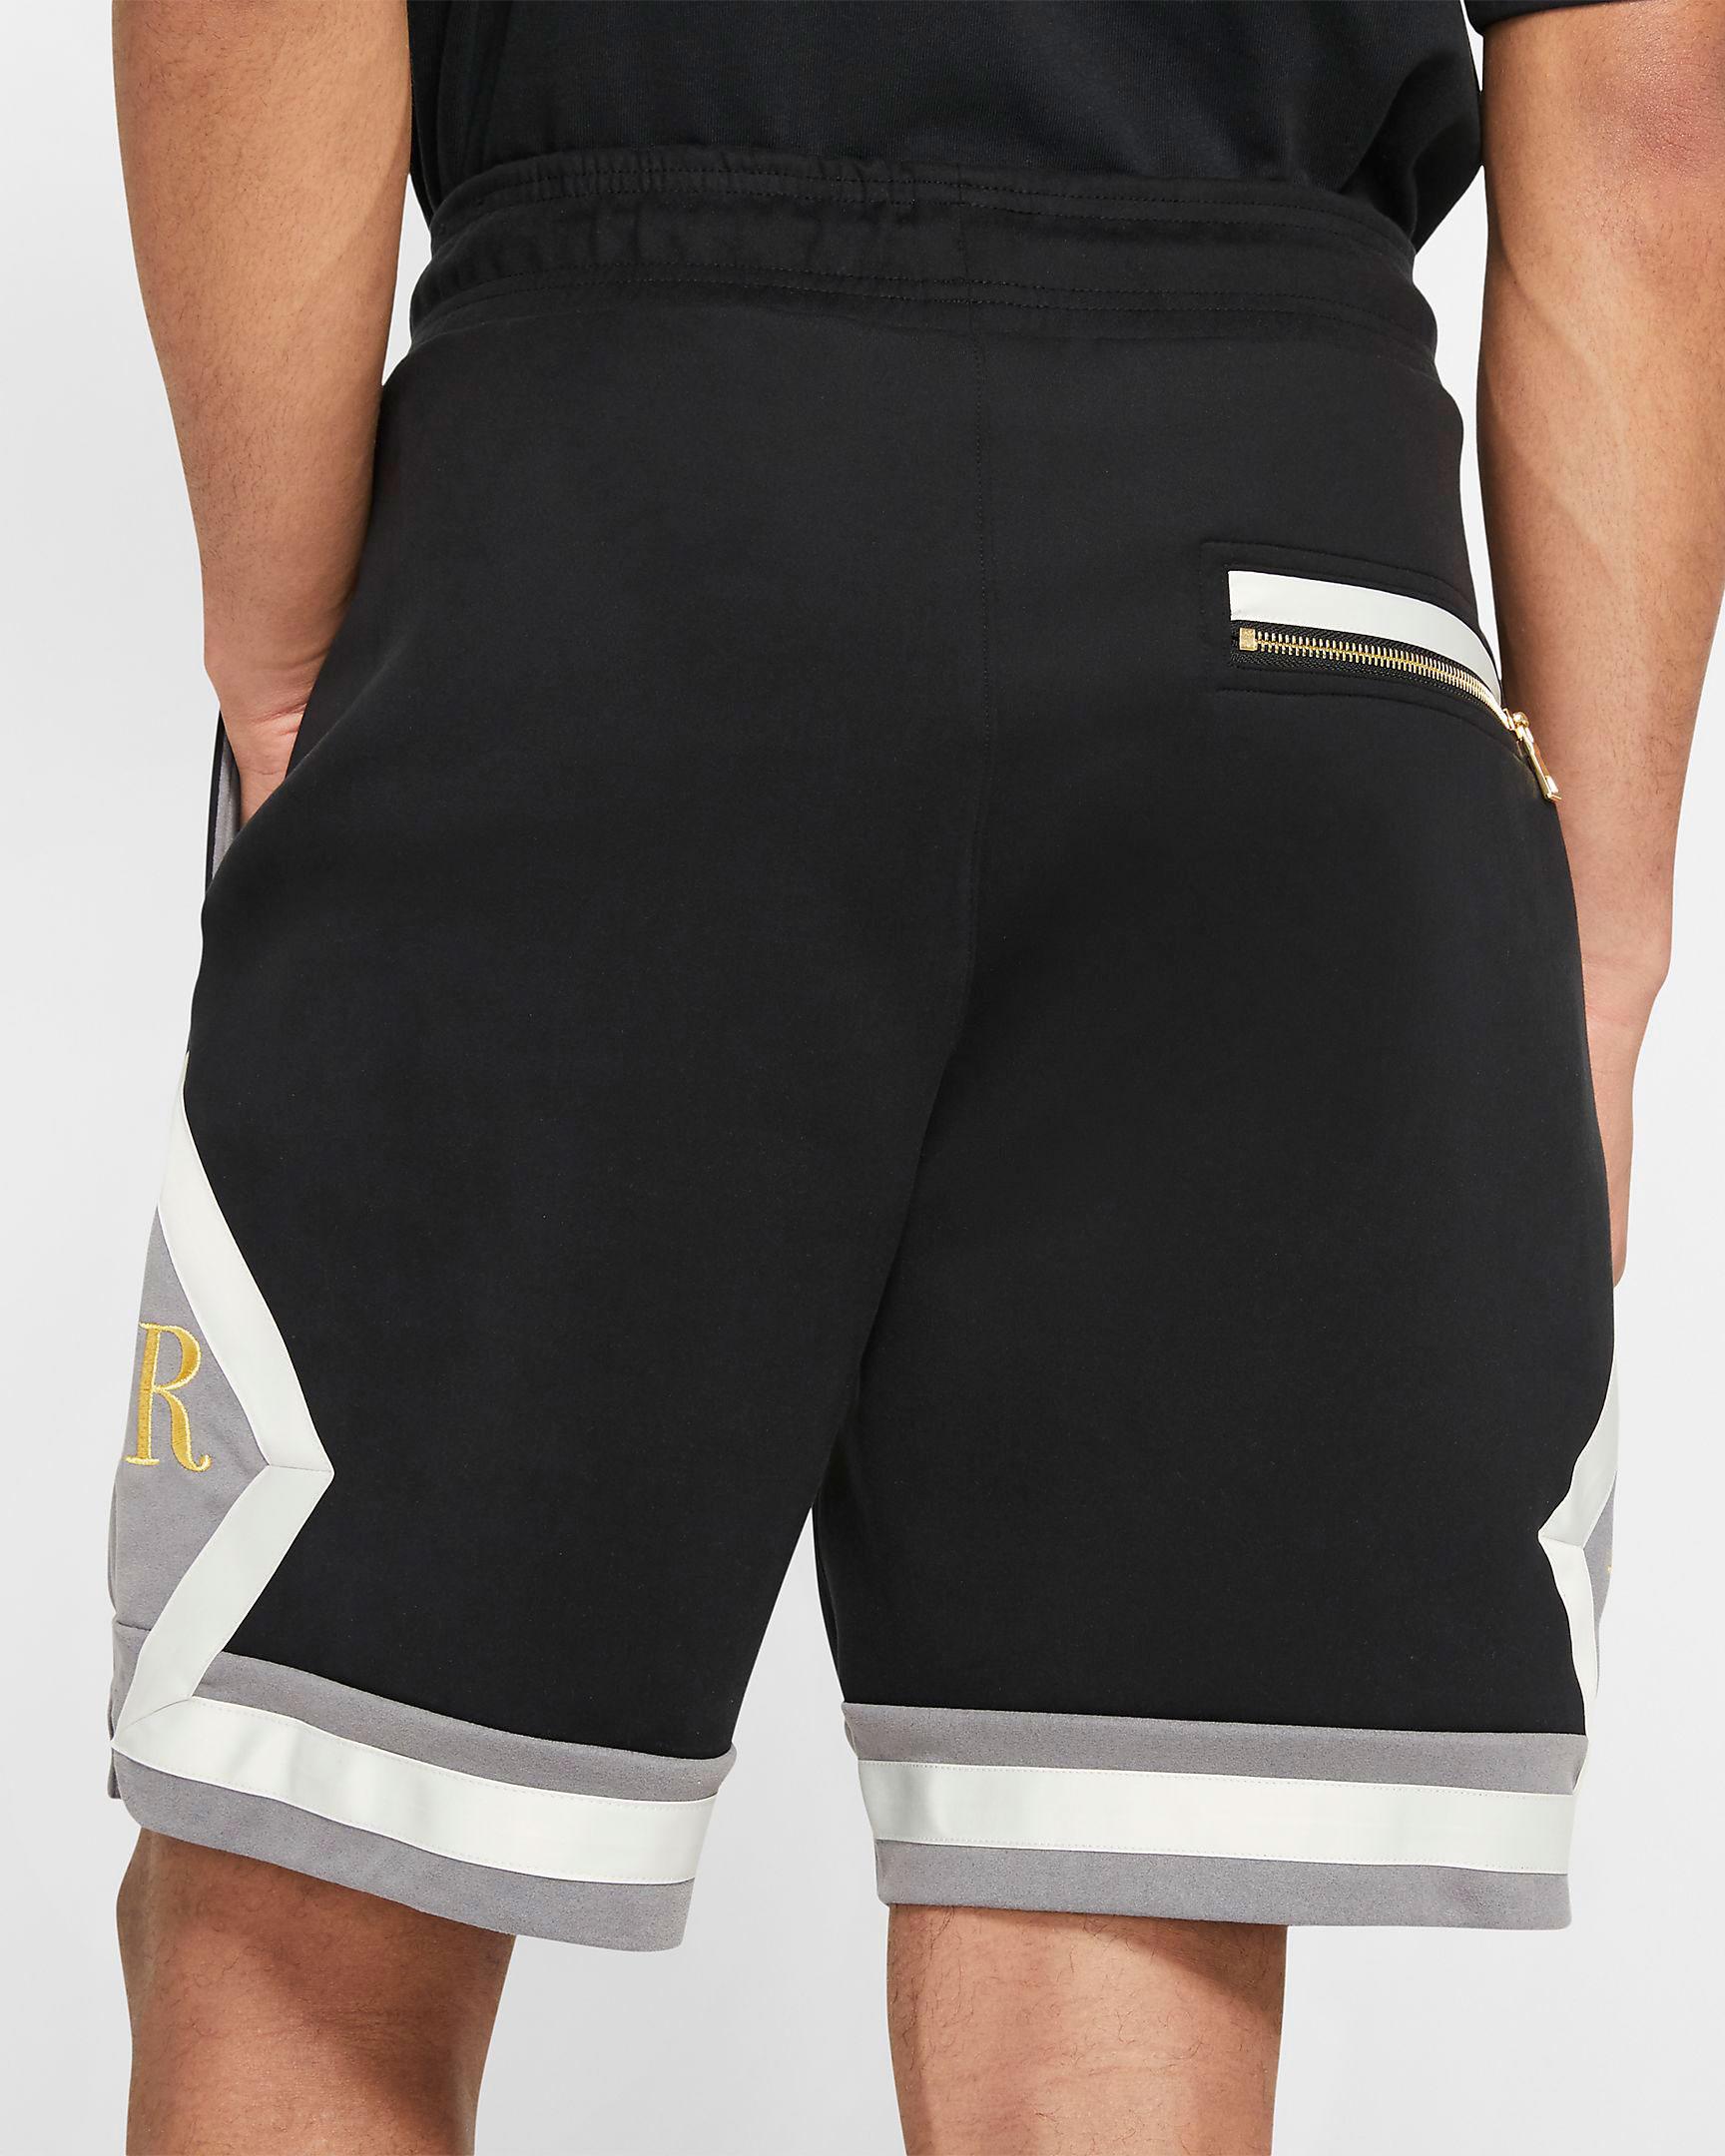 jordan-remastered-diamond-shorts-black-grey-2